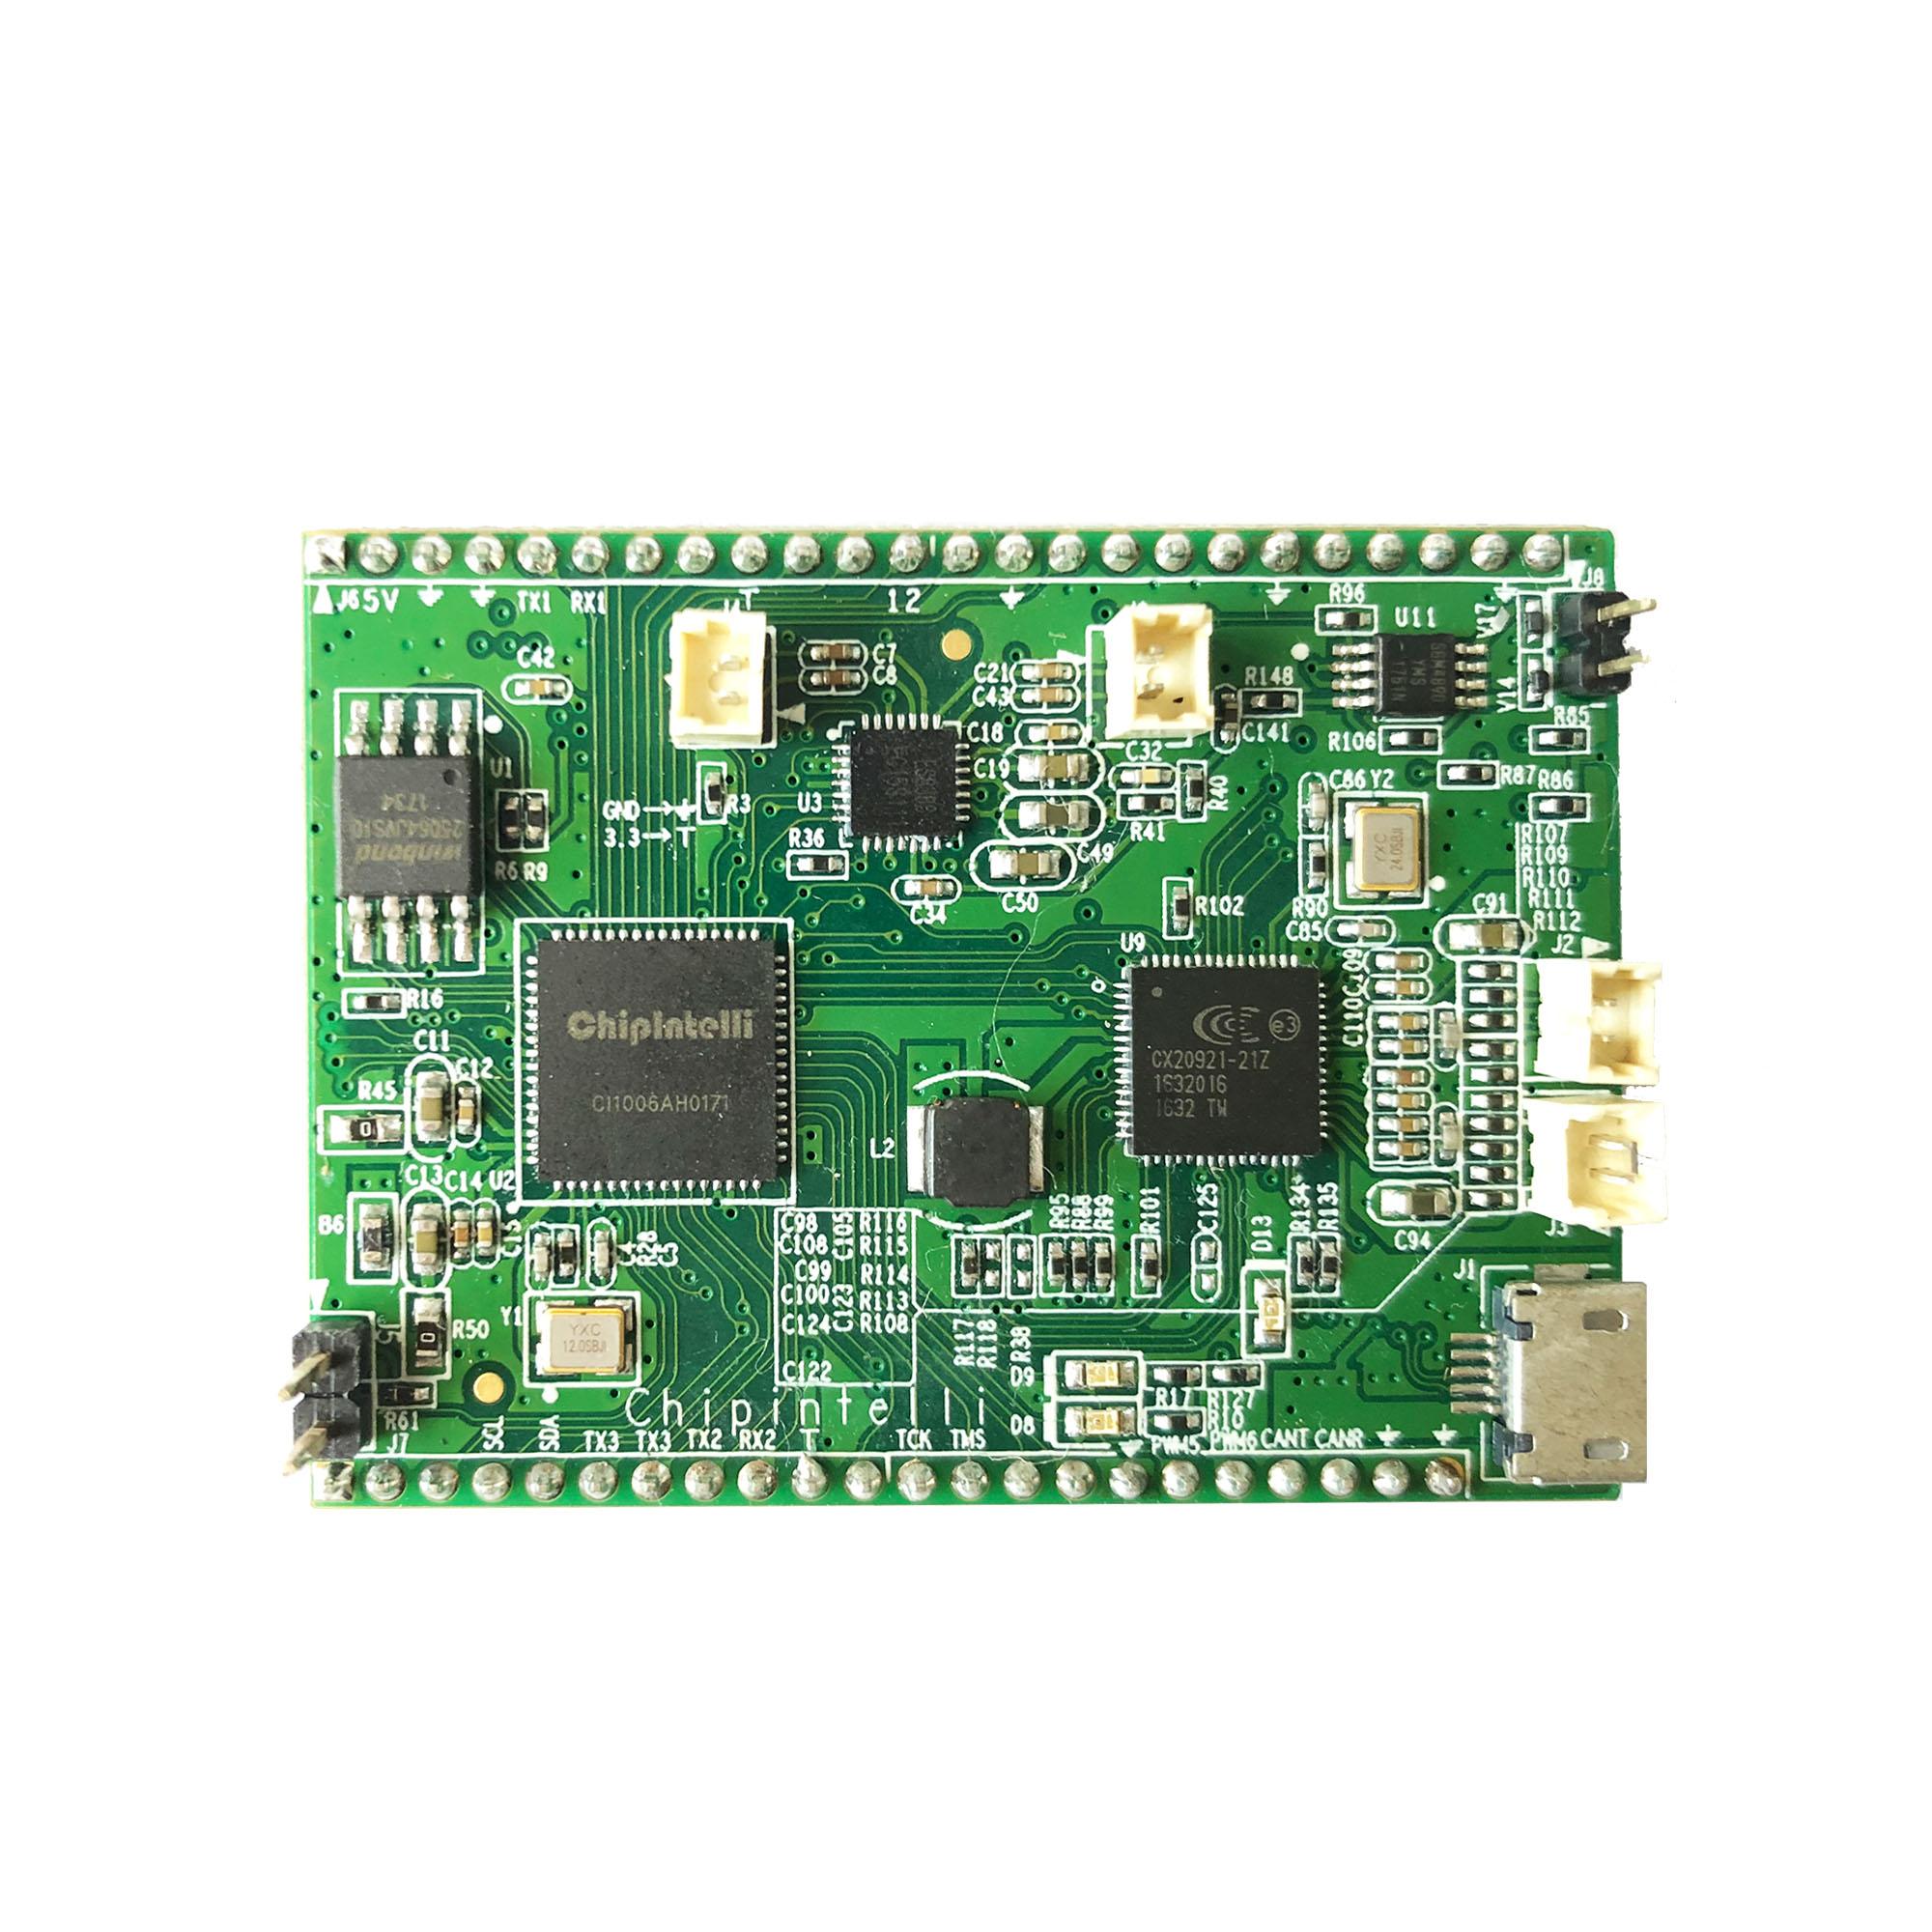 双麦智能语音开发板(CI1006A2CD01)